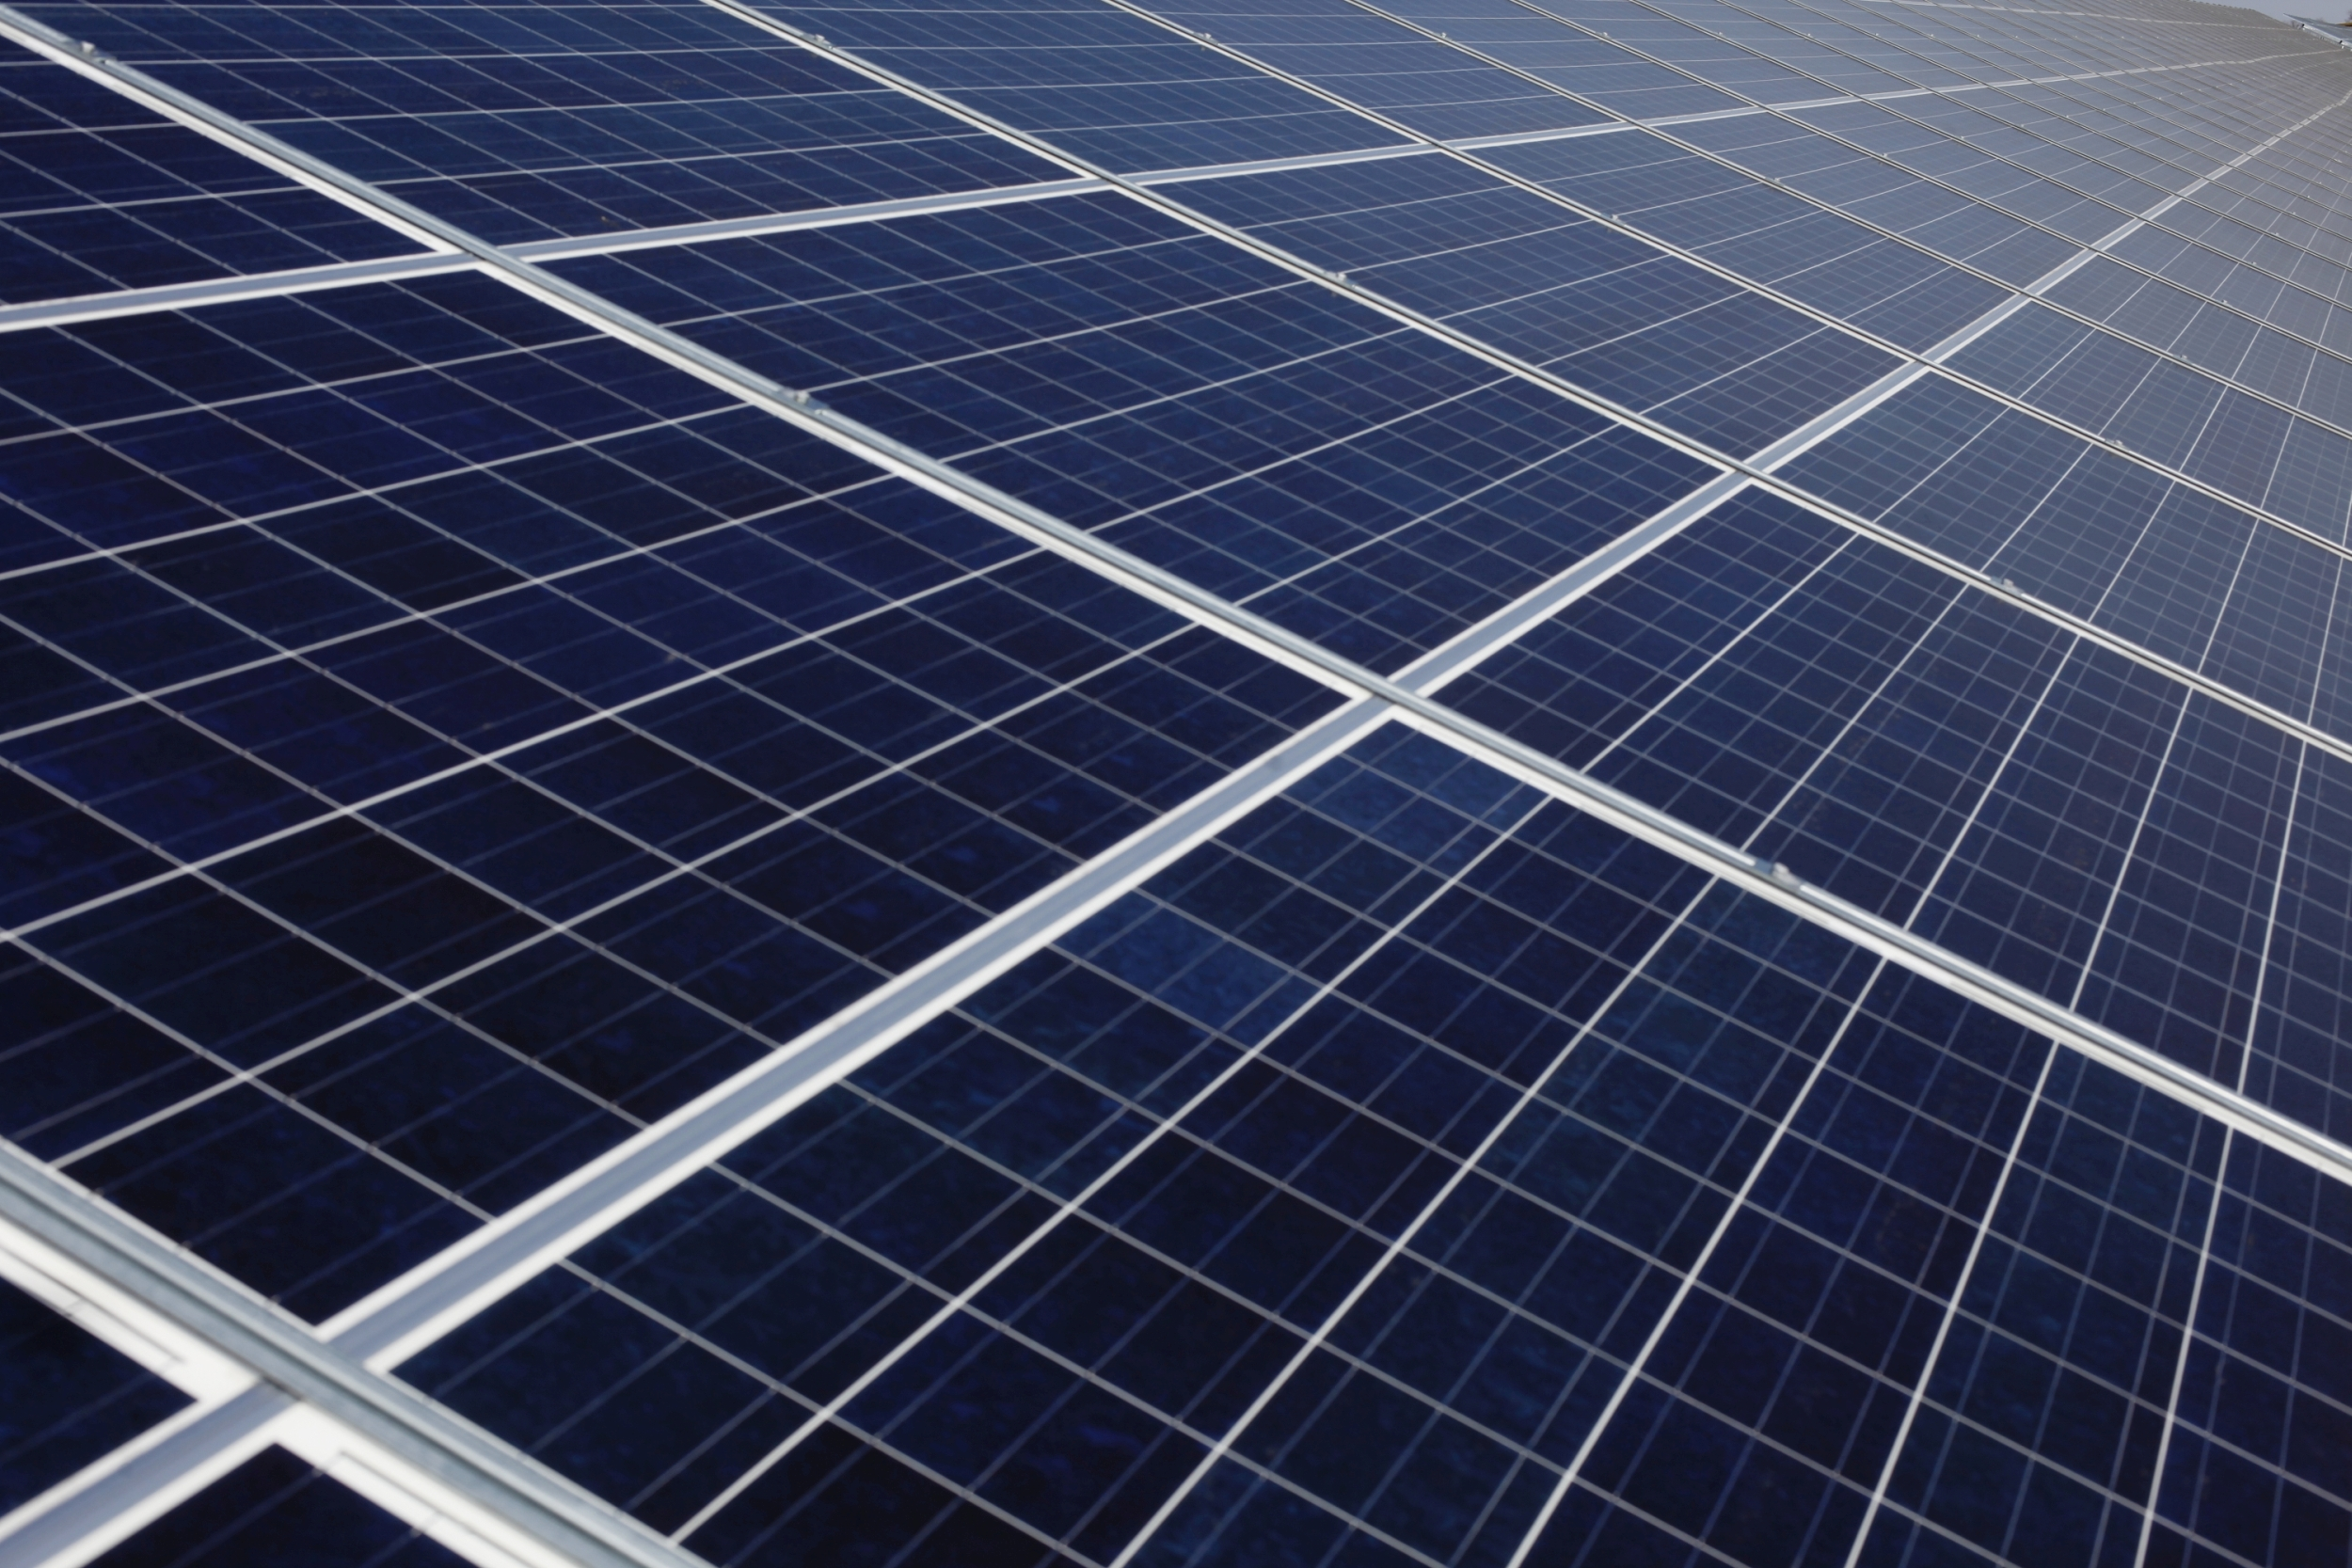 Baywa R E Verkauft Bislang Firmengr 246 223 Ten Solarpark An